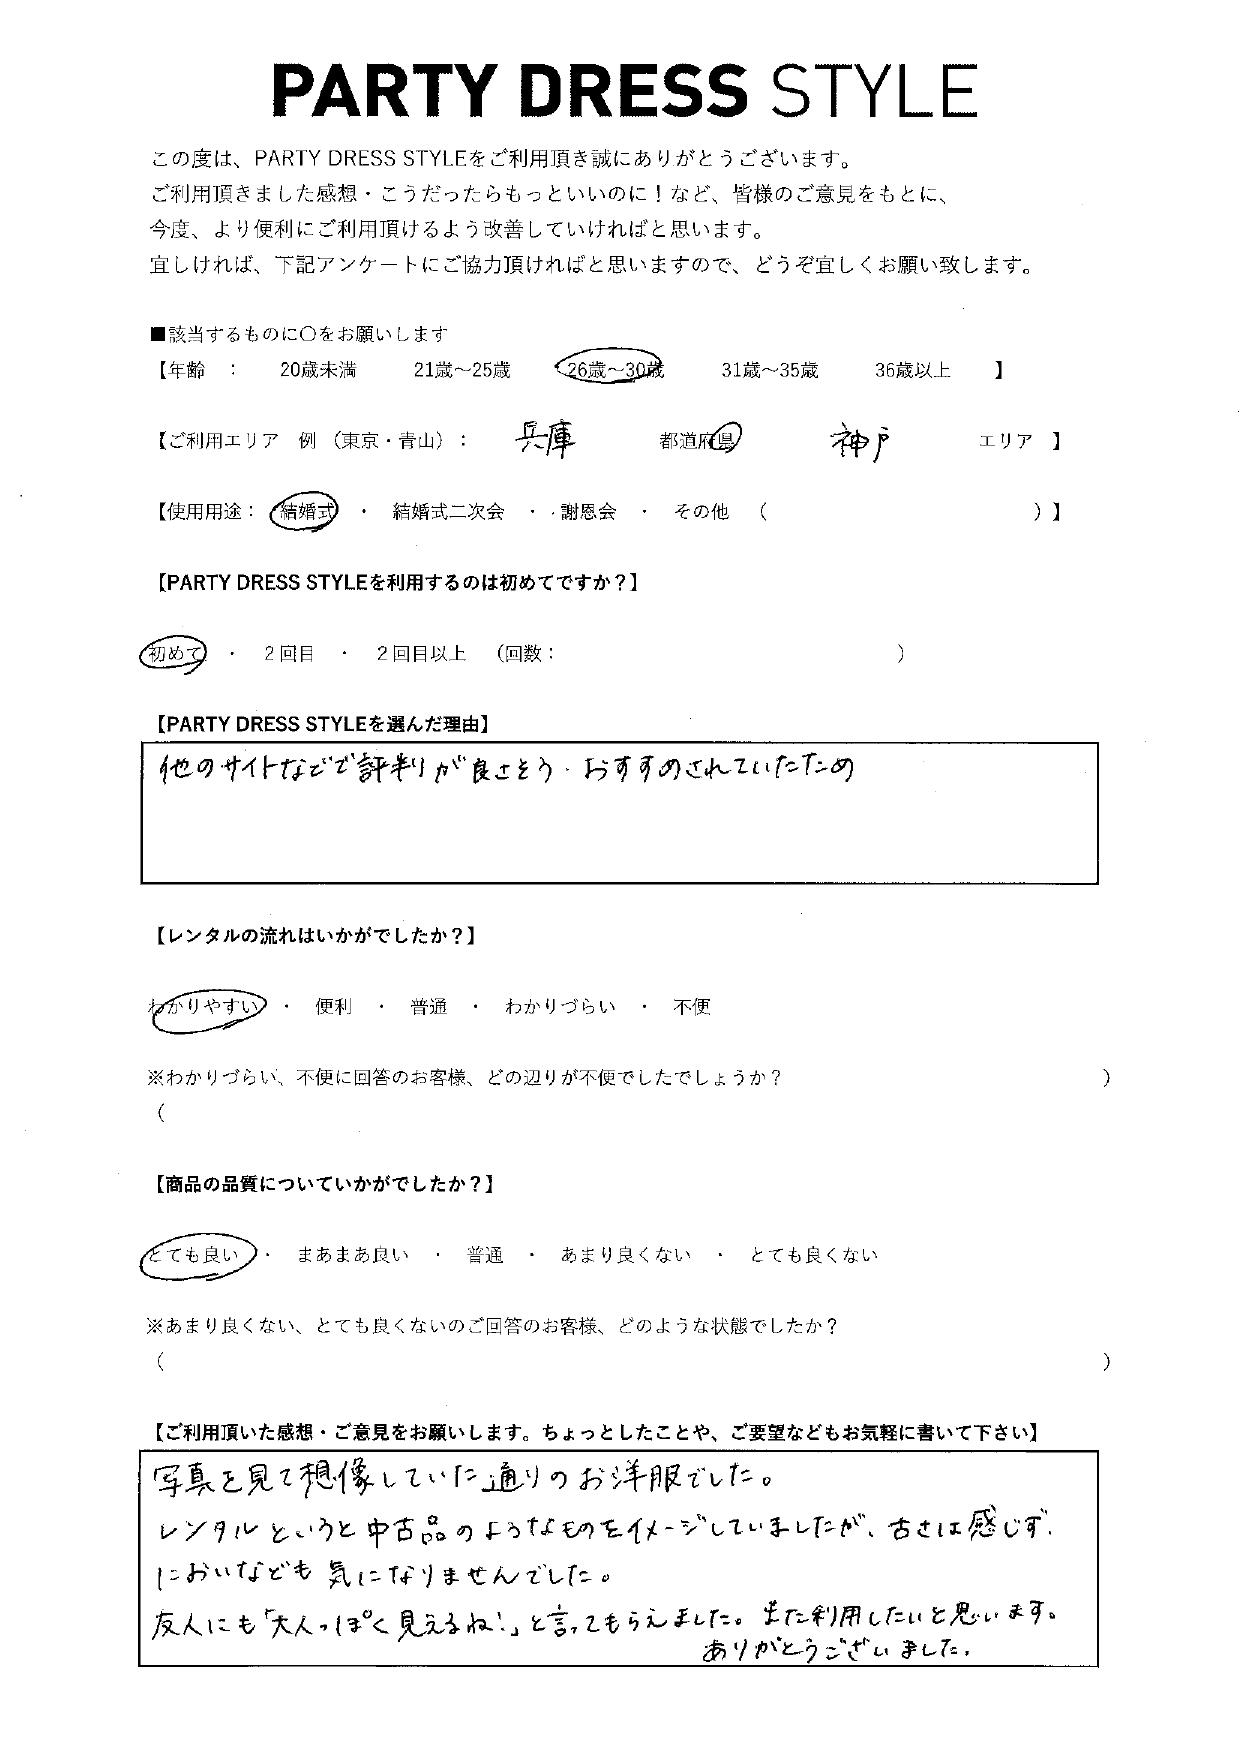 9/11結婚式ご利用 兵庫・神戸エリア